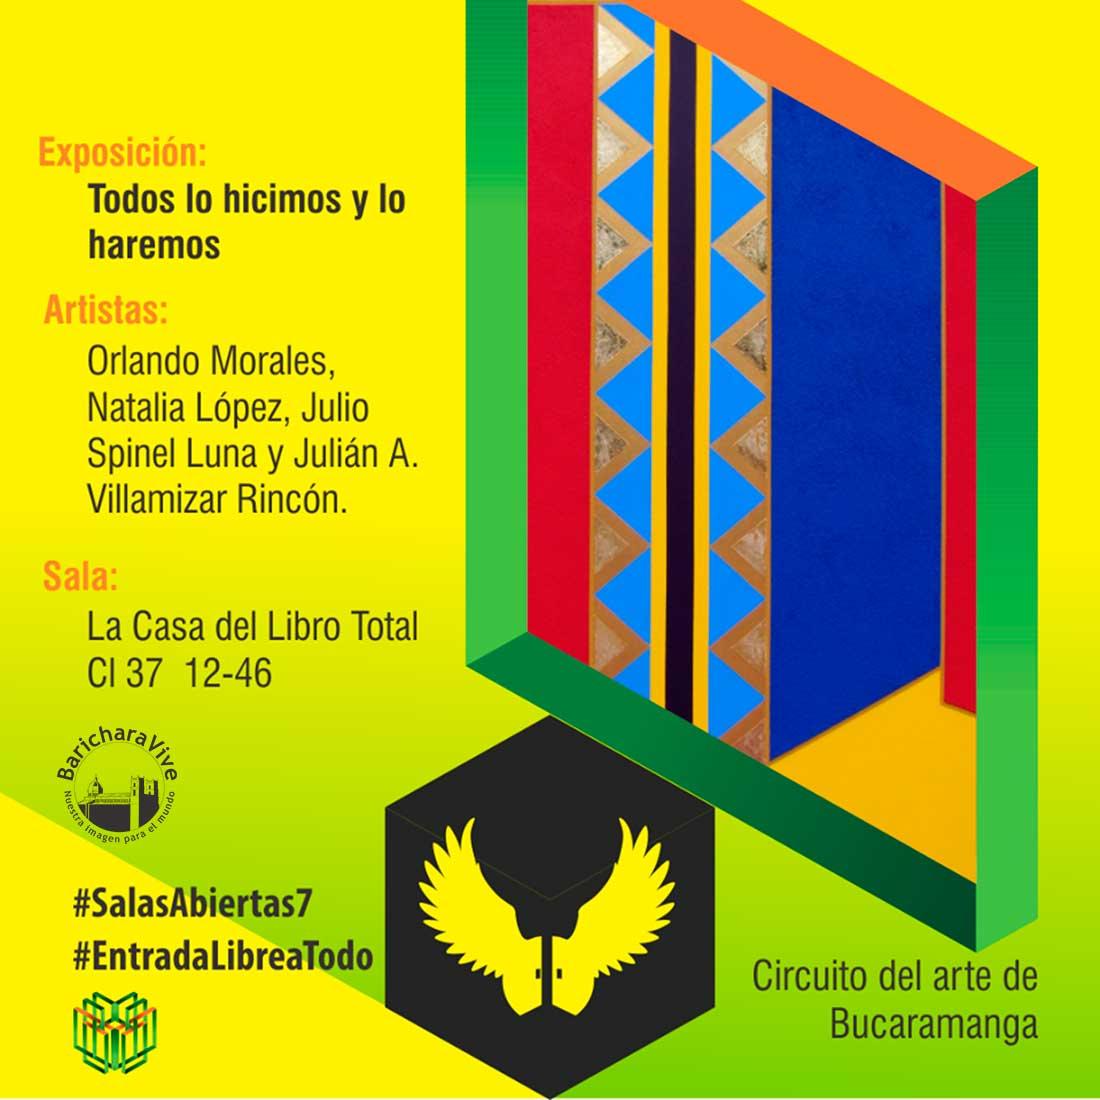 casa-del-libro-total-7a-edicion-el-centro-con-las-salas-abiertas-bucaramanga-2017